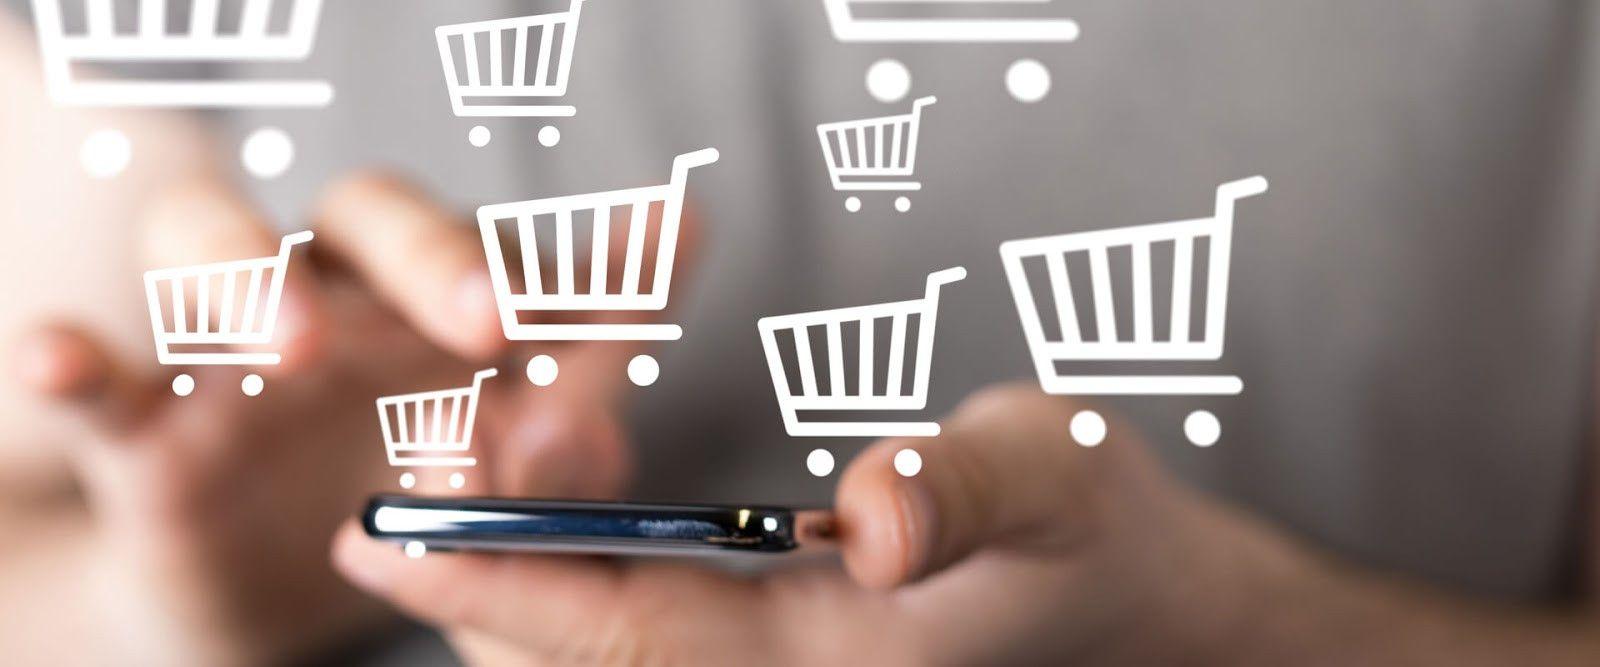 legge regolamentazione e-commerce